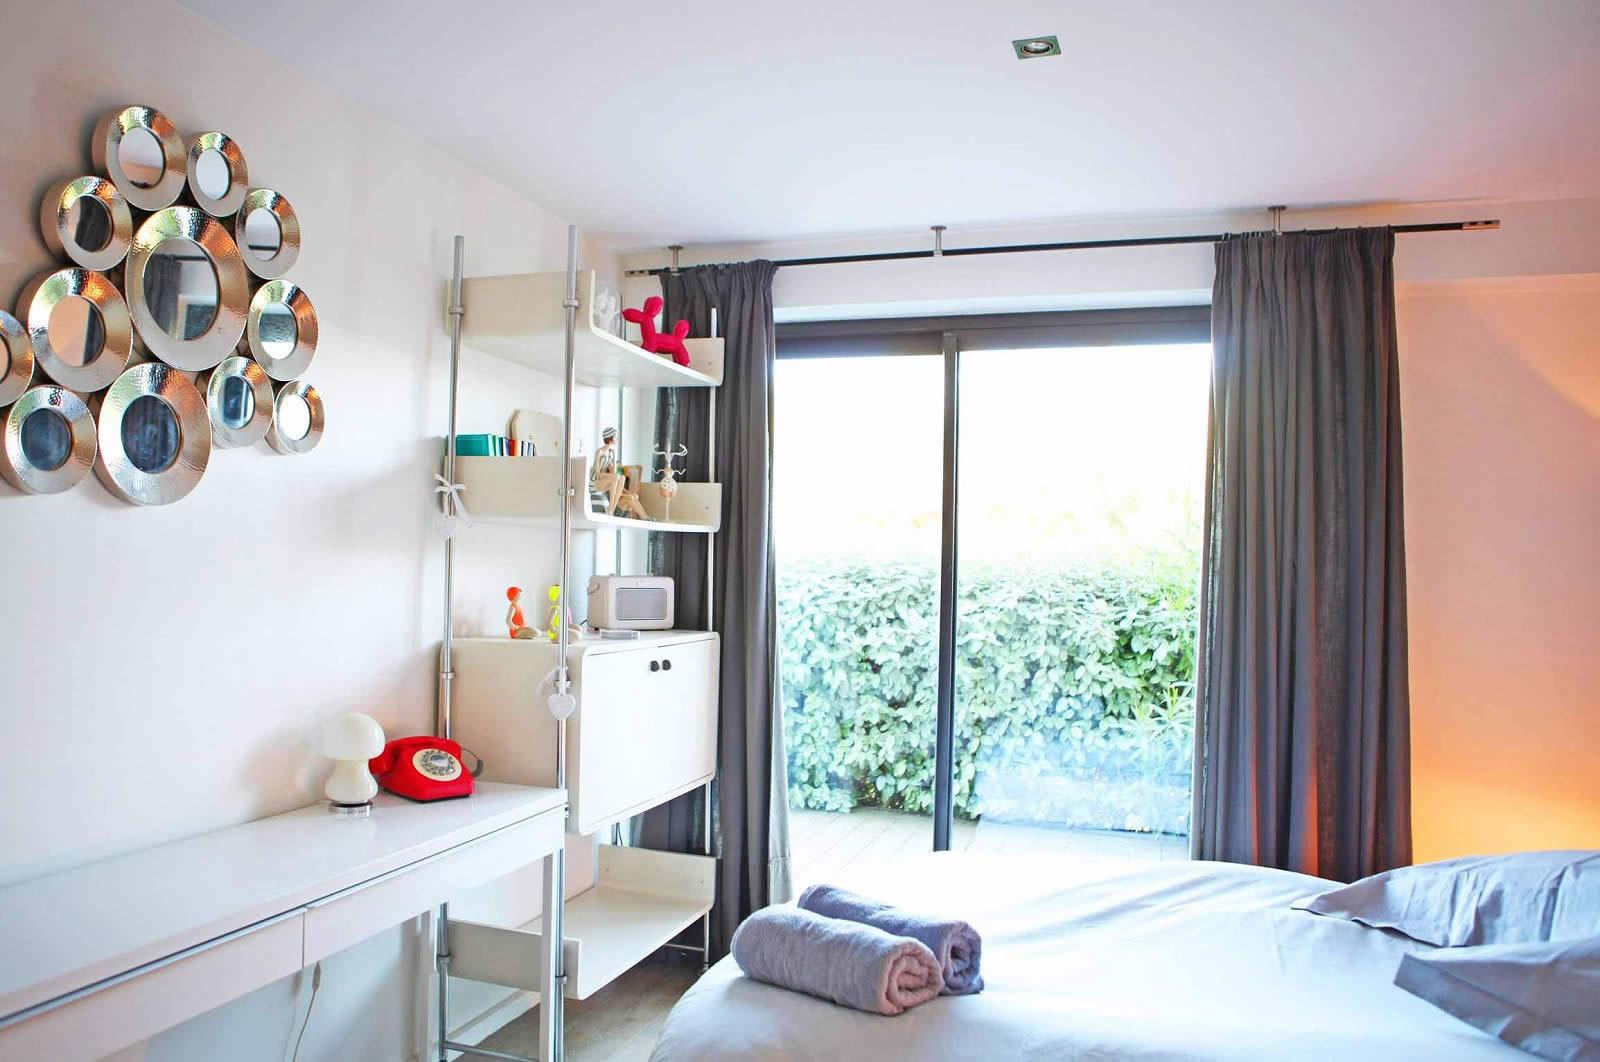 Villa For Rent Chiberta Swimming Pool View Ocean